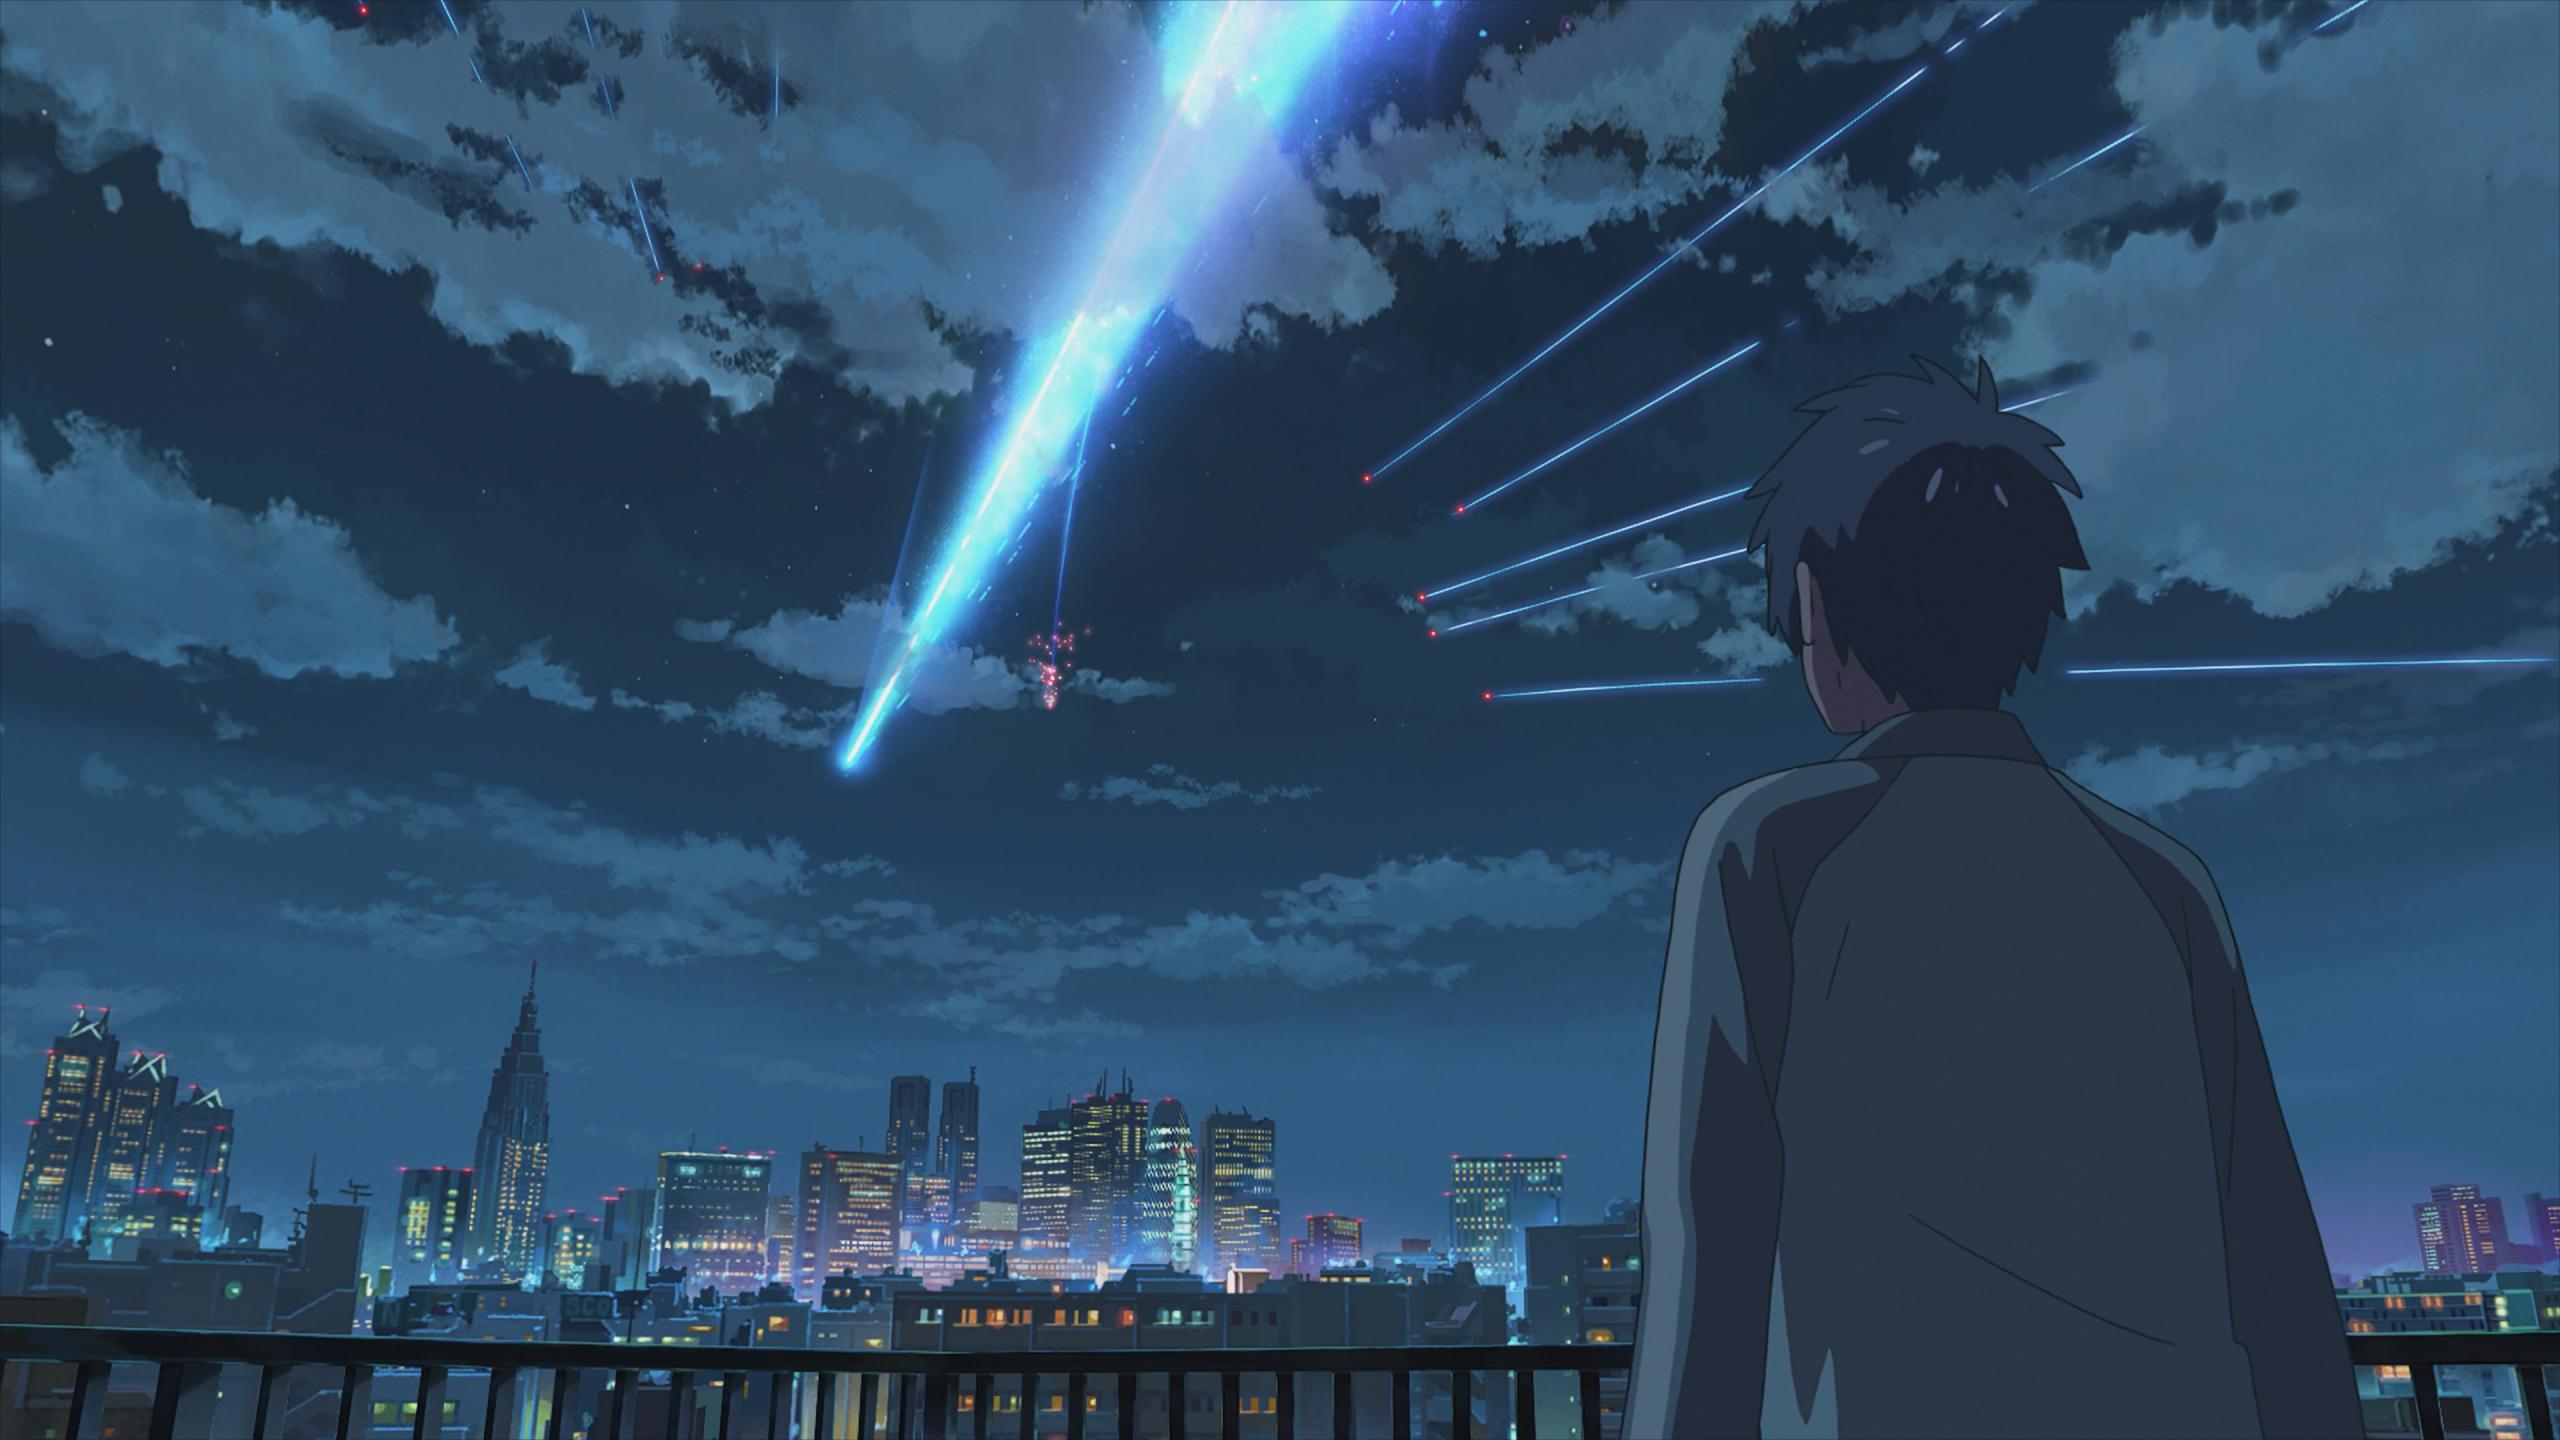 2560x1440 Kimi No Na Wa 1440p Resolution Wallpaper Hd Anime